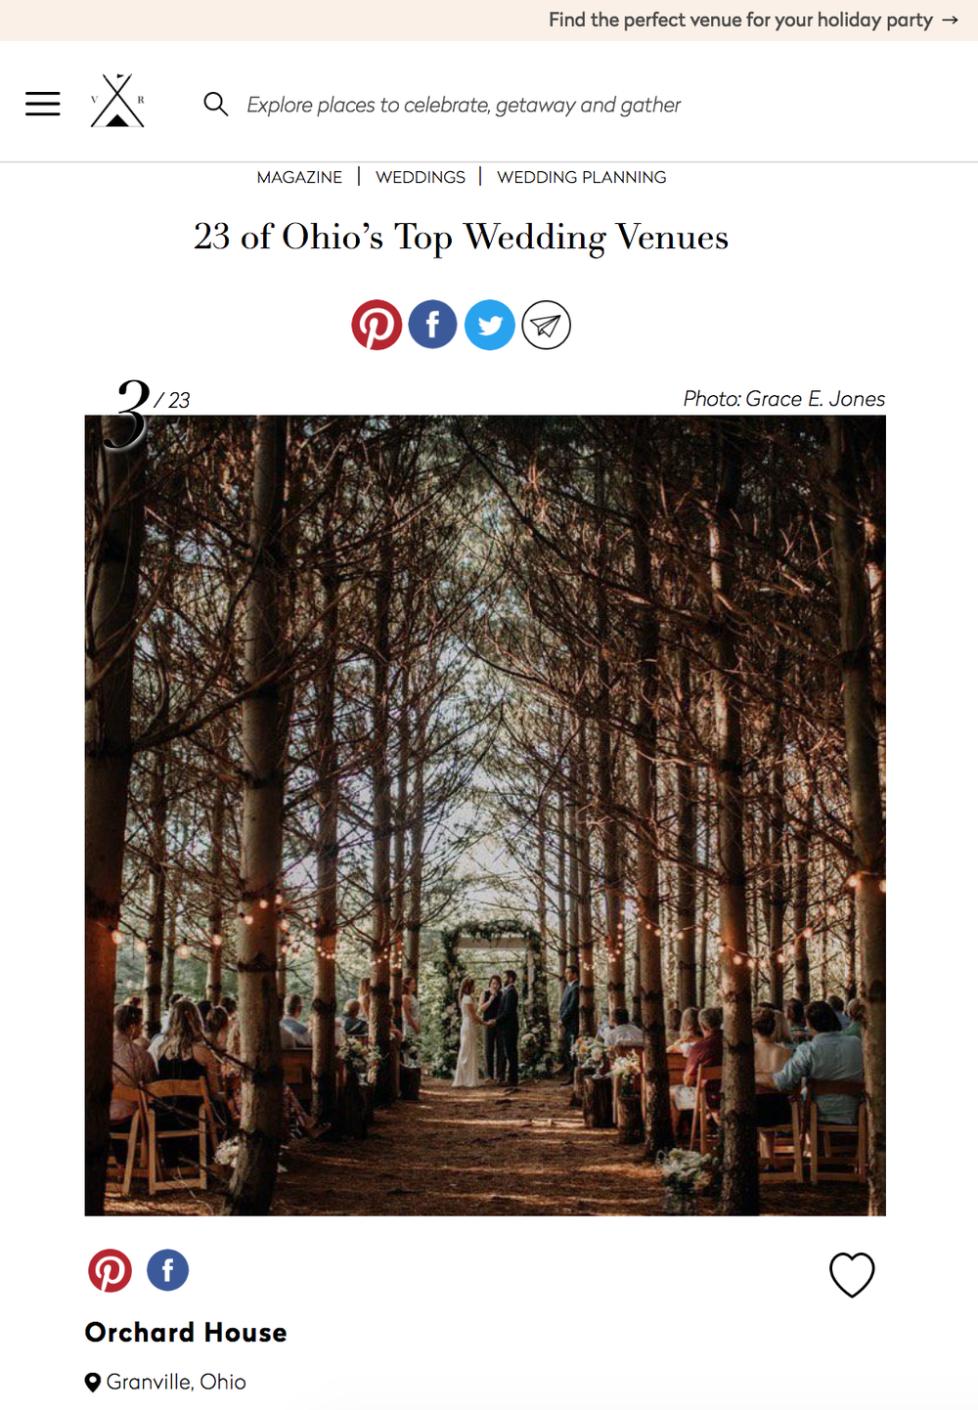 venue-report-ohio-top-wedding-venues.png